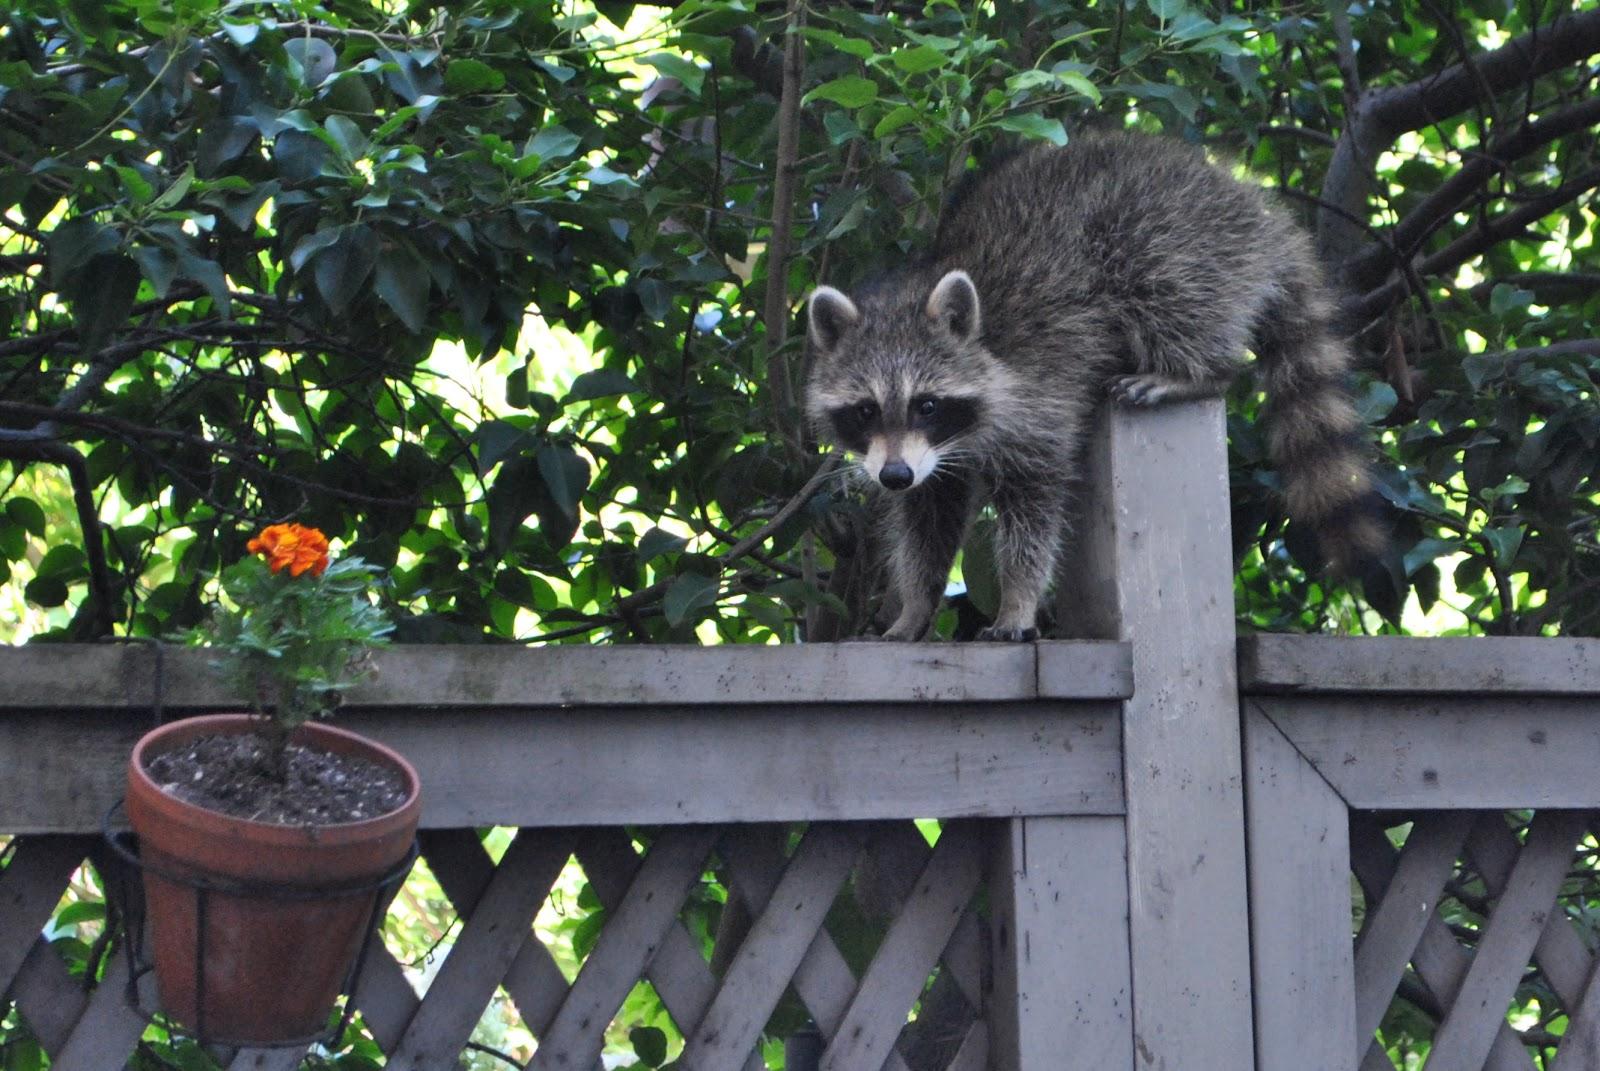 urban wildlife guide brooklyn porch raccoon